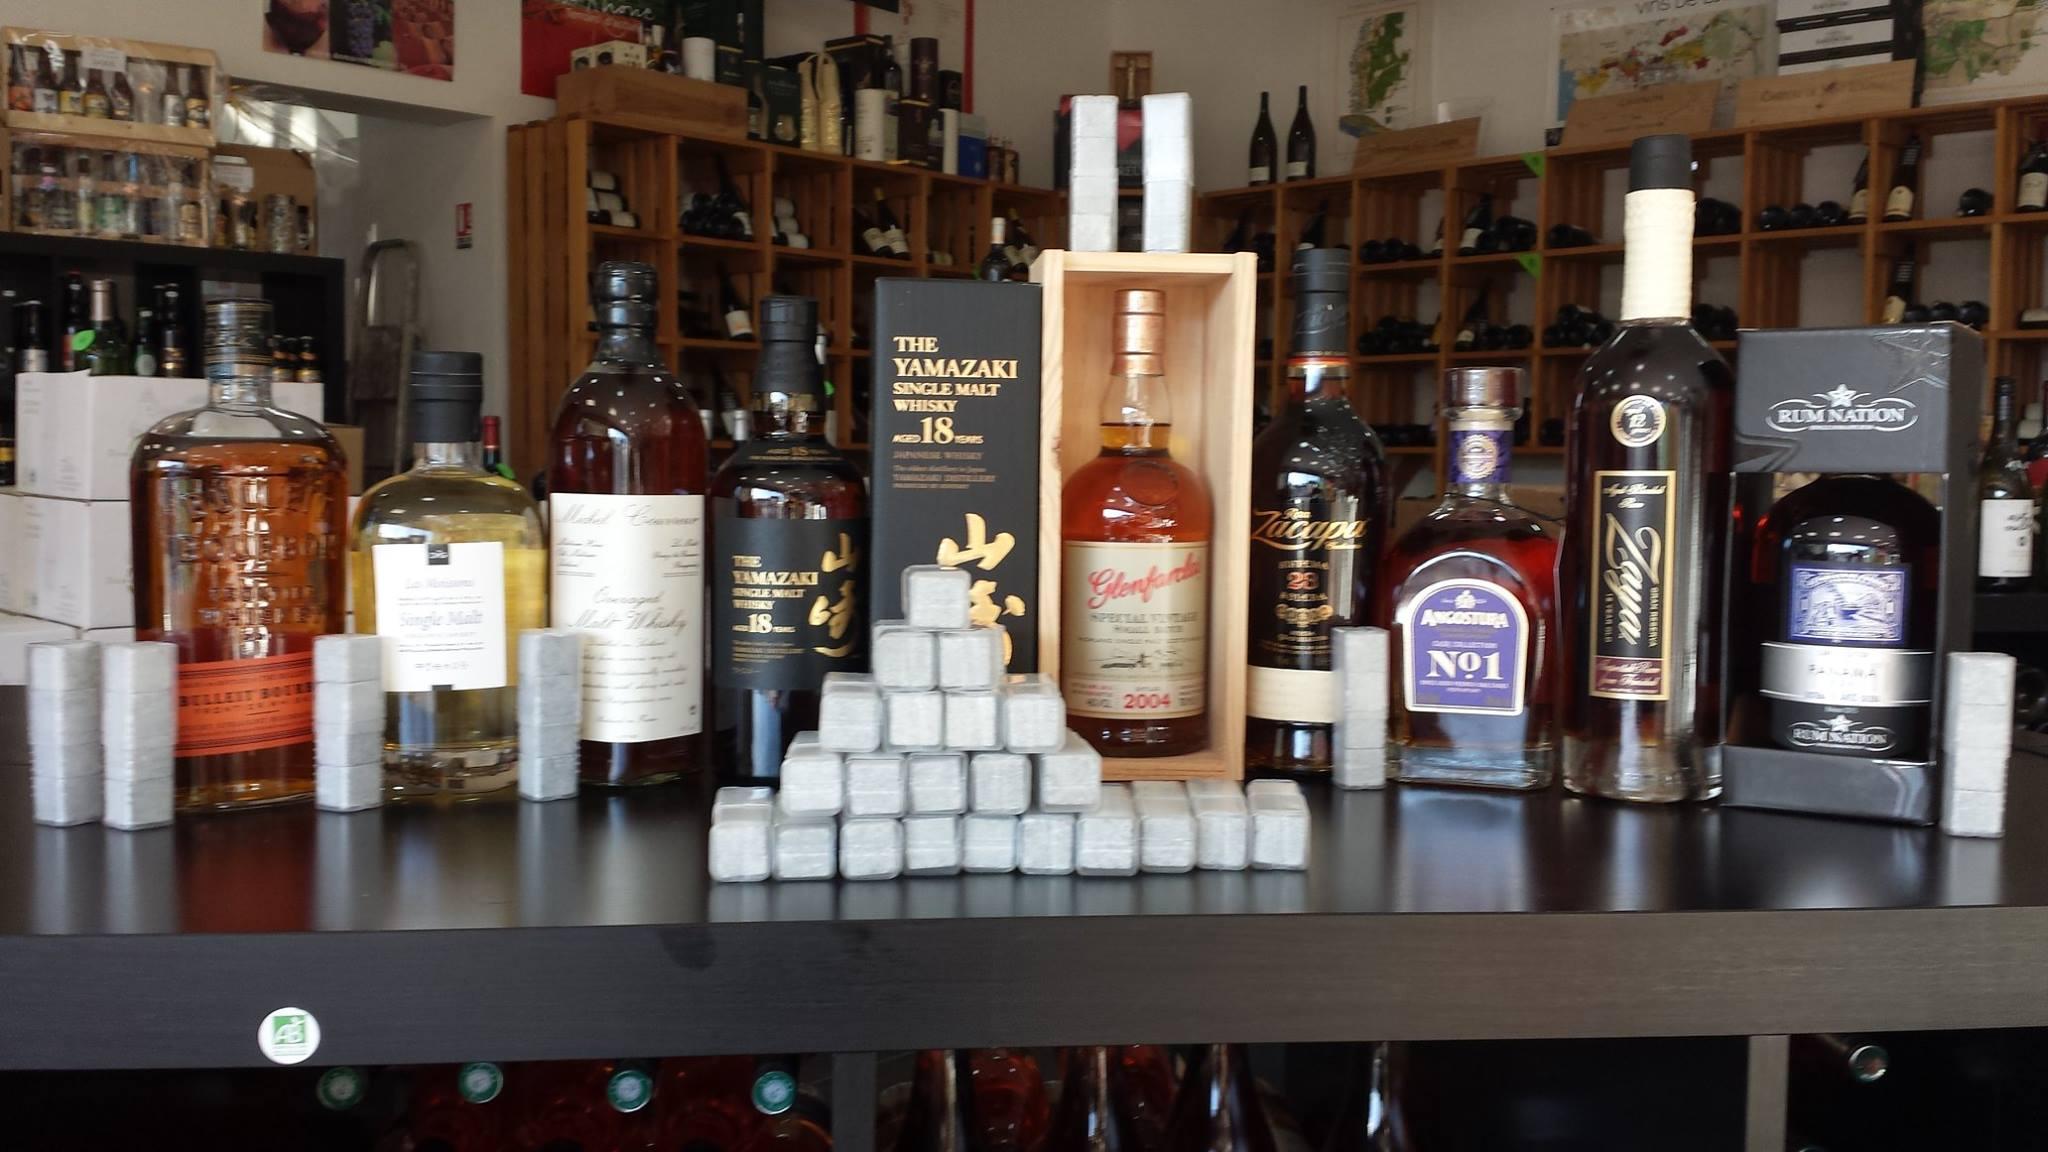 Un set de pierres à whisky offert...